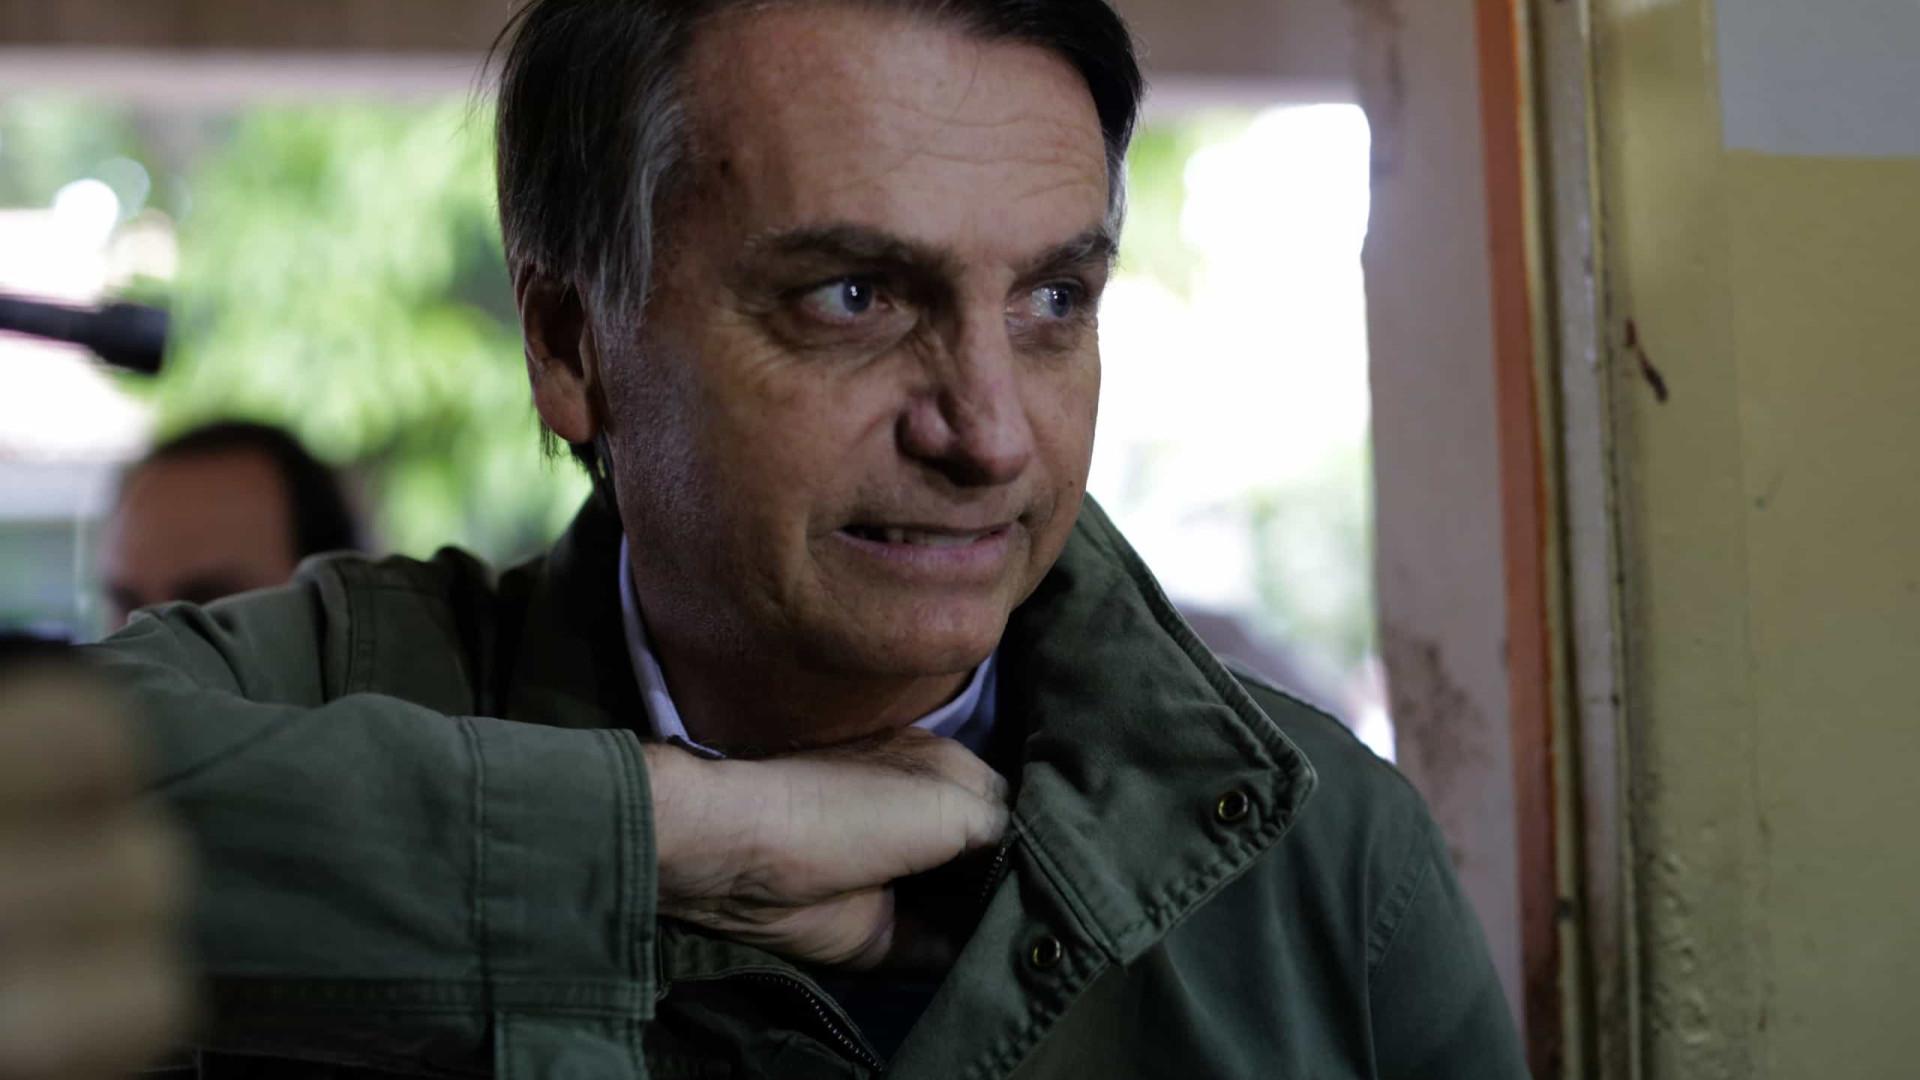 Reuniões por vídeo e cloroquina na agenda de Bolsonaro nesta quarta